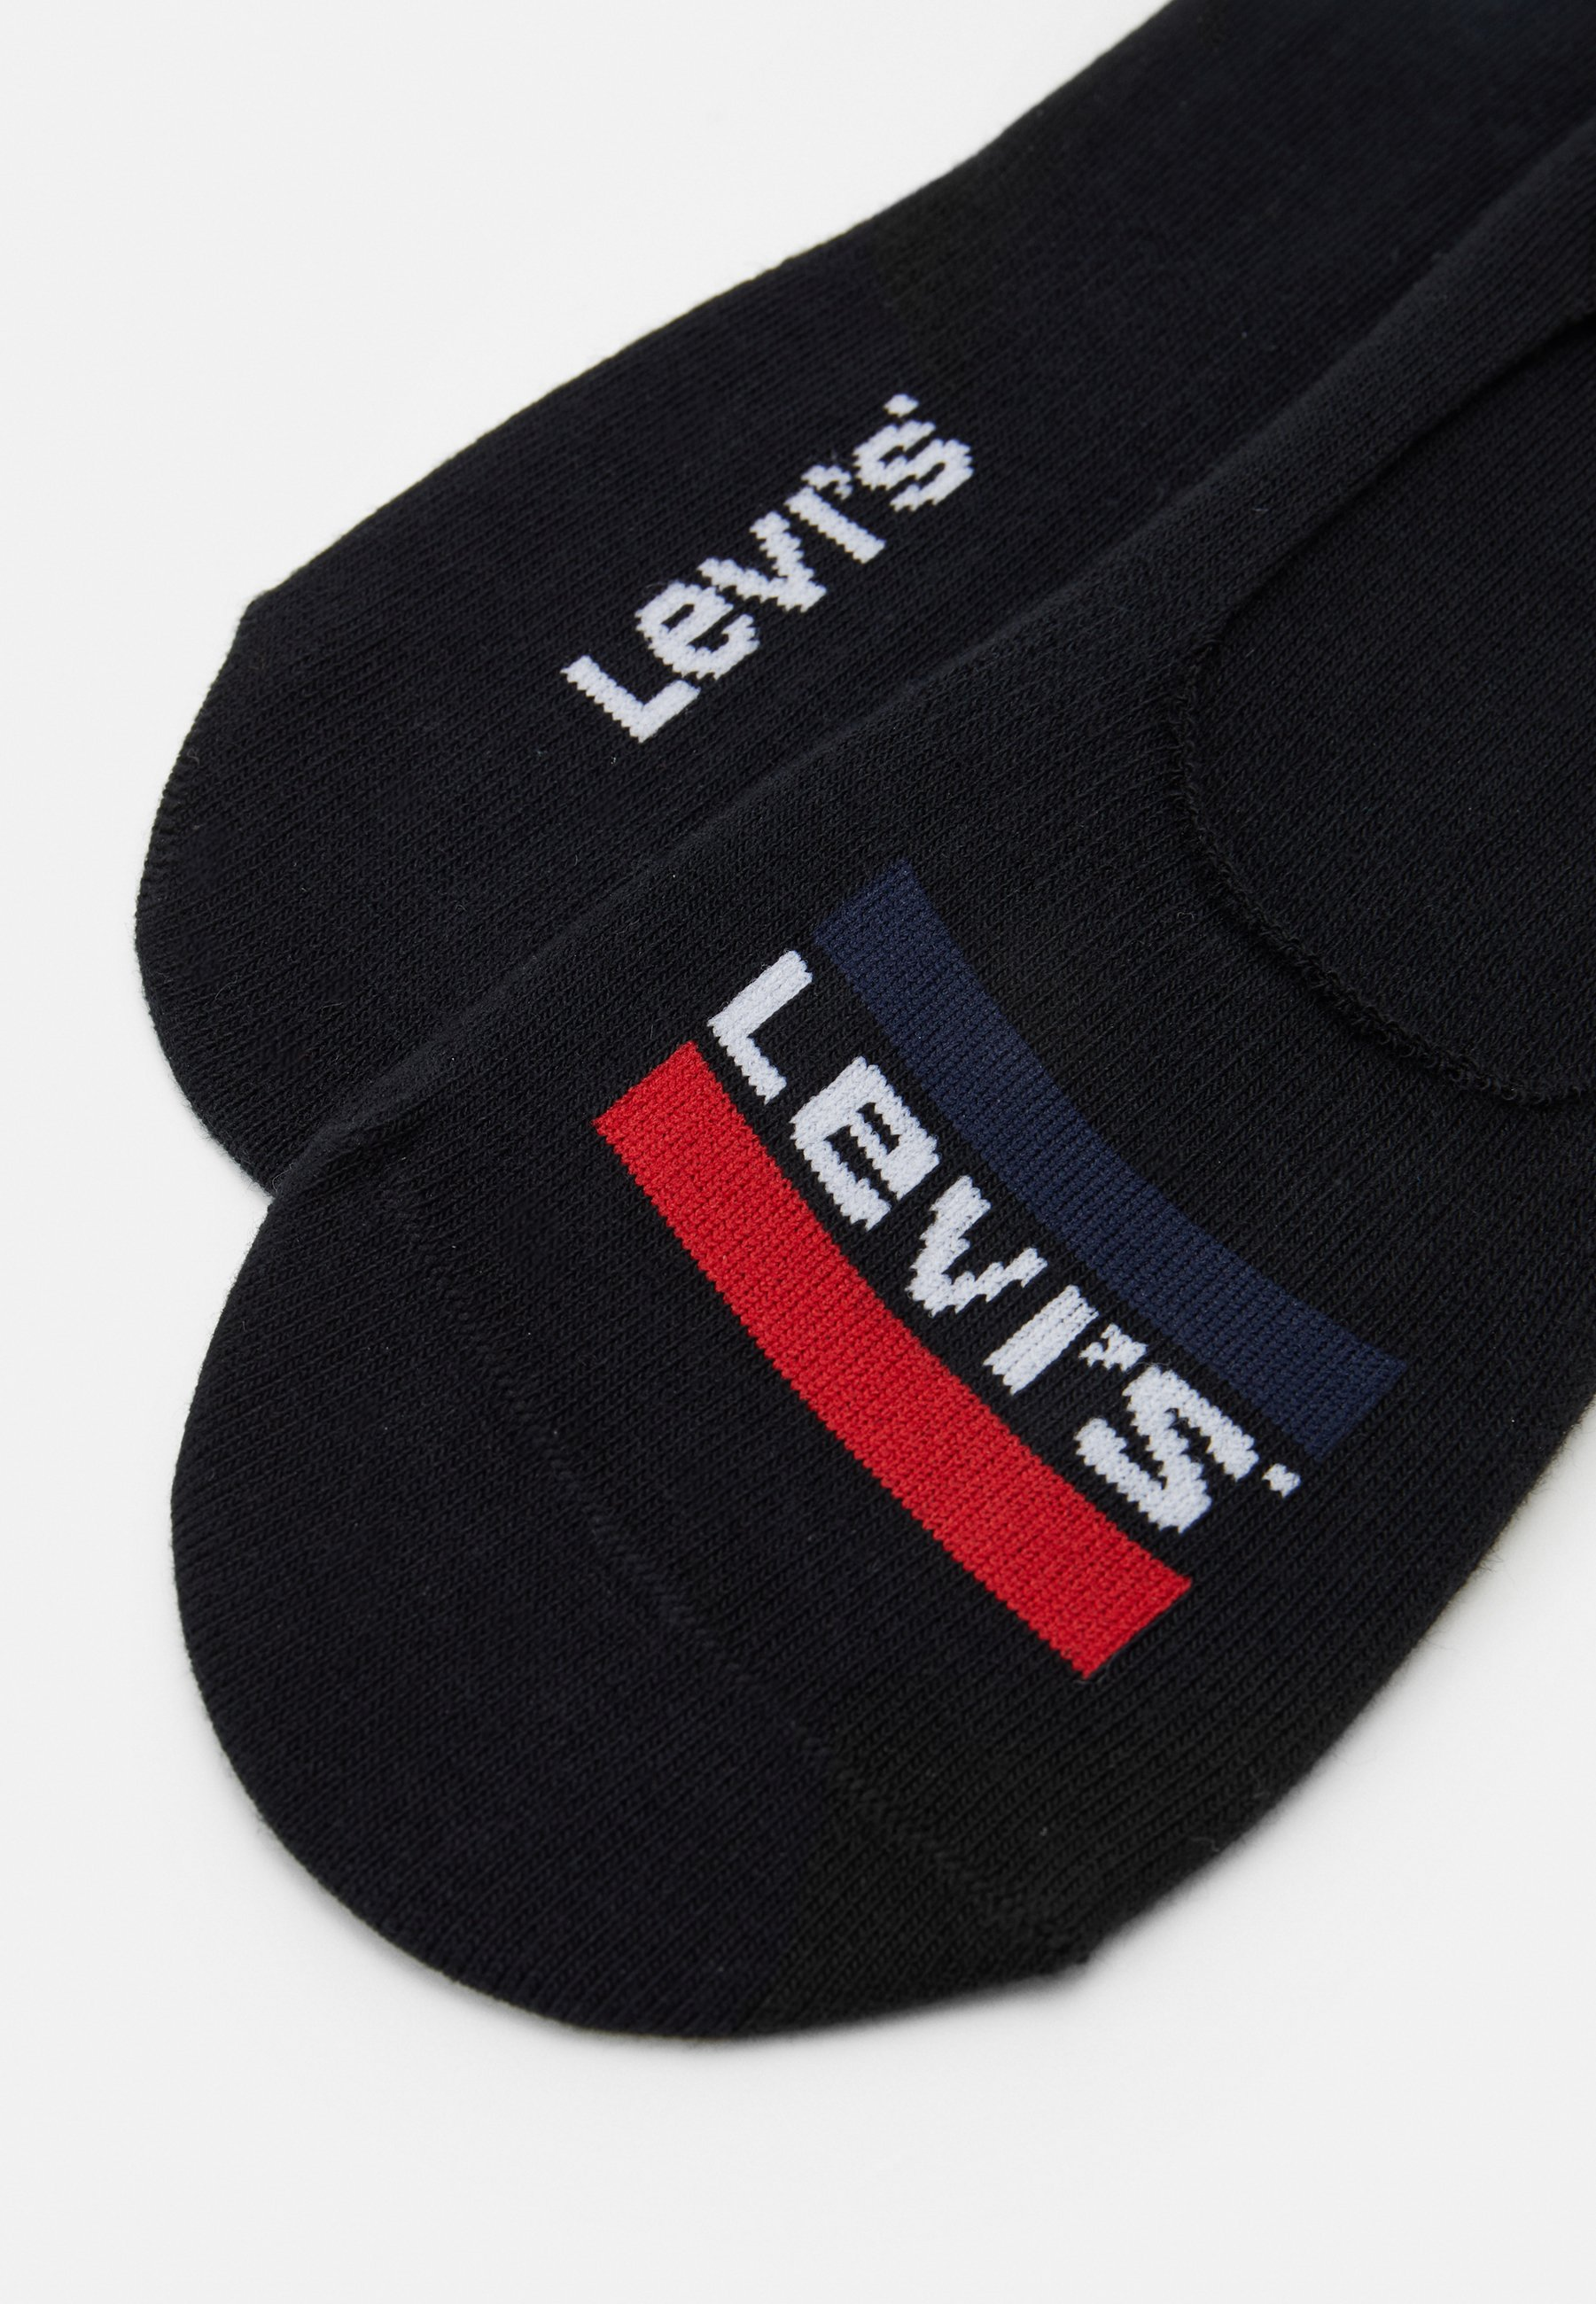 Femme LOW RISE LOGO 2 PACK UNISEX - Socquettes